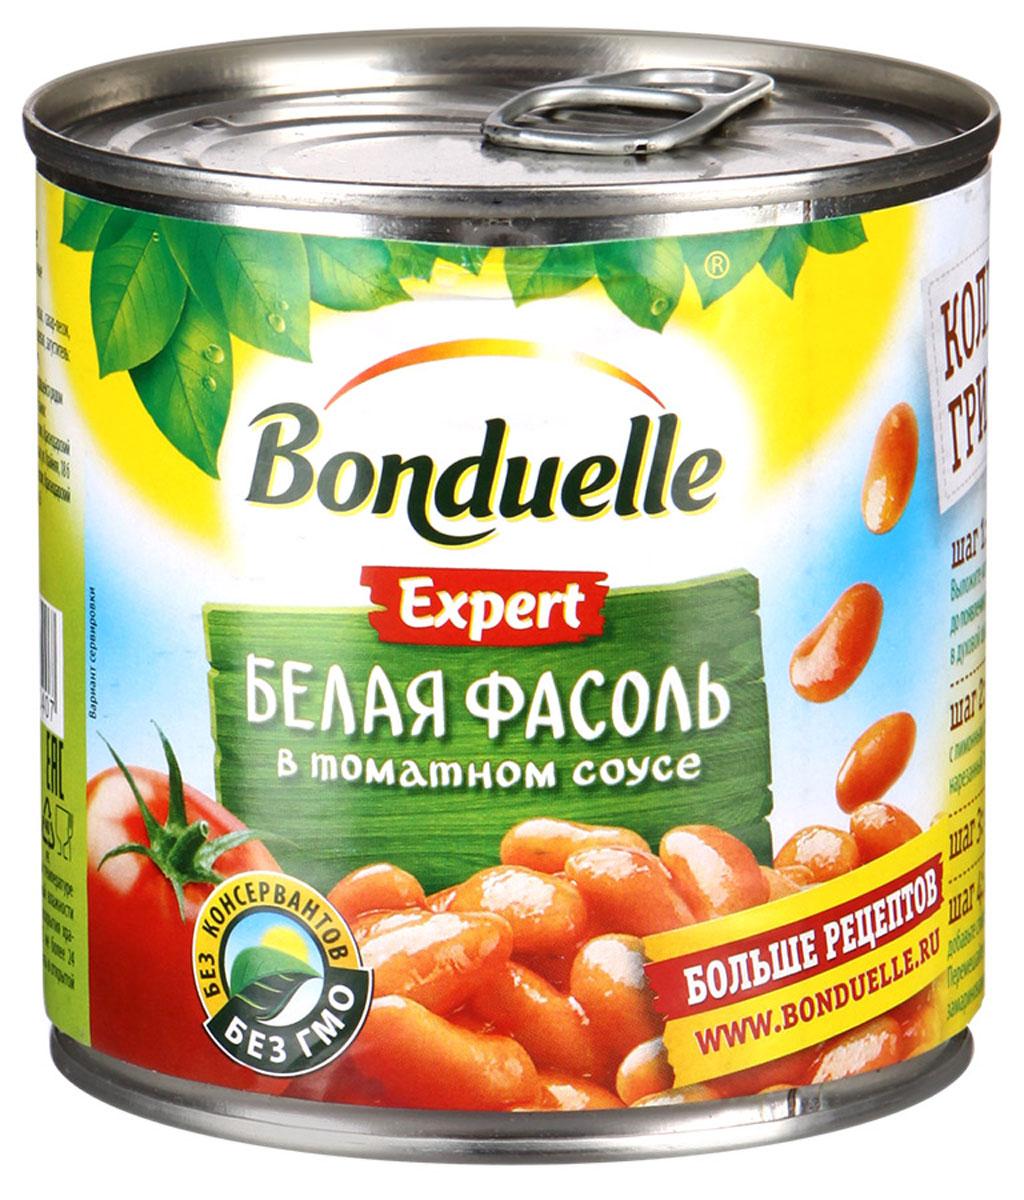 Bonduelle белая фасоль в томатном соусе, 400 г